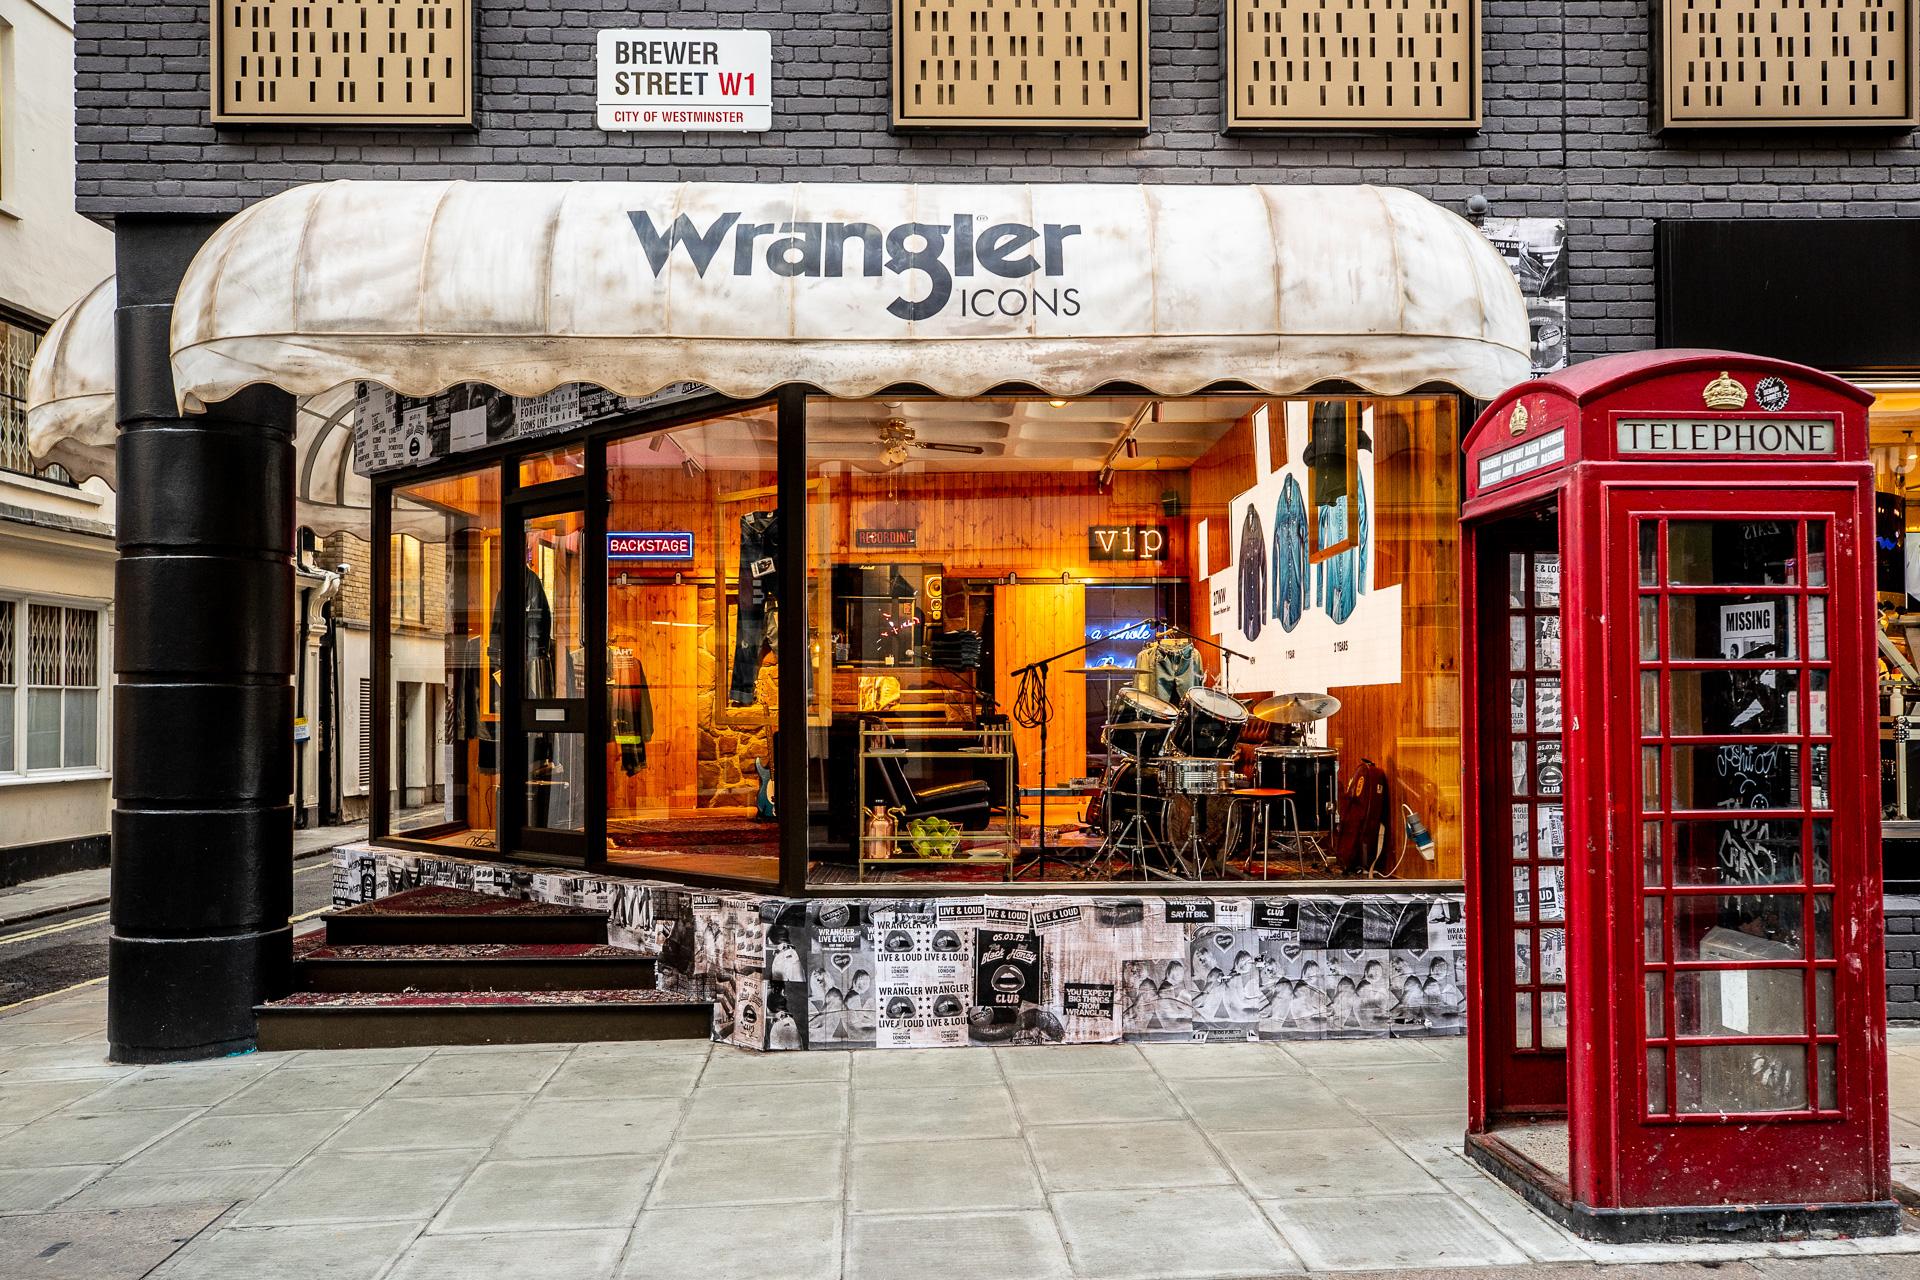 wrangler-session-space-facade-1